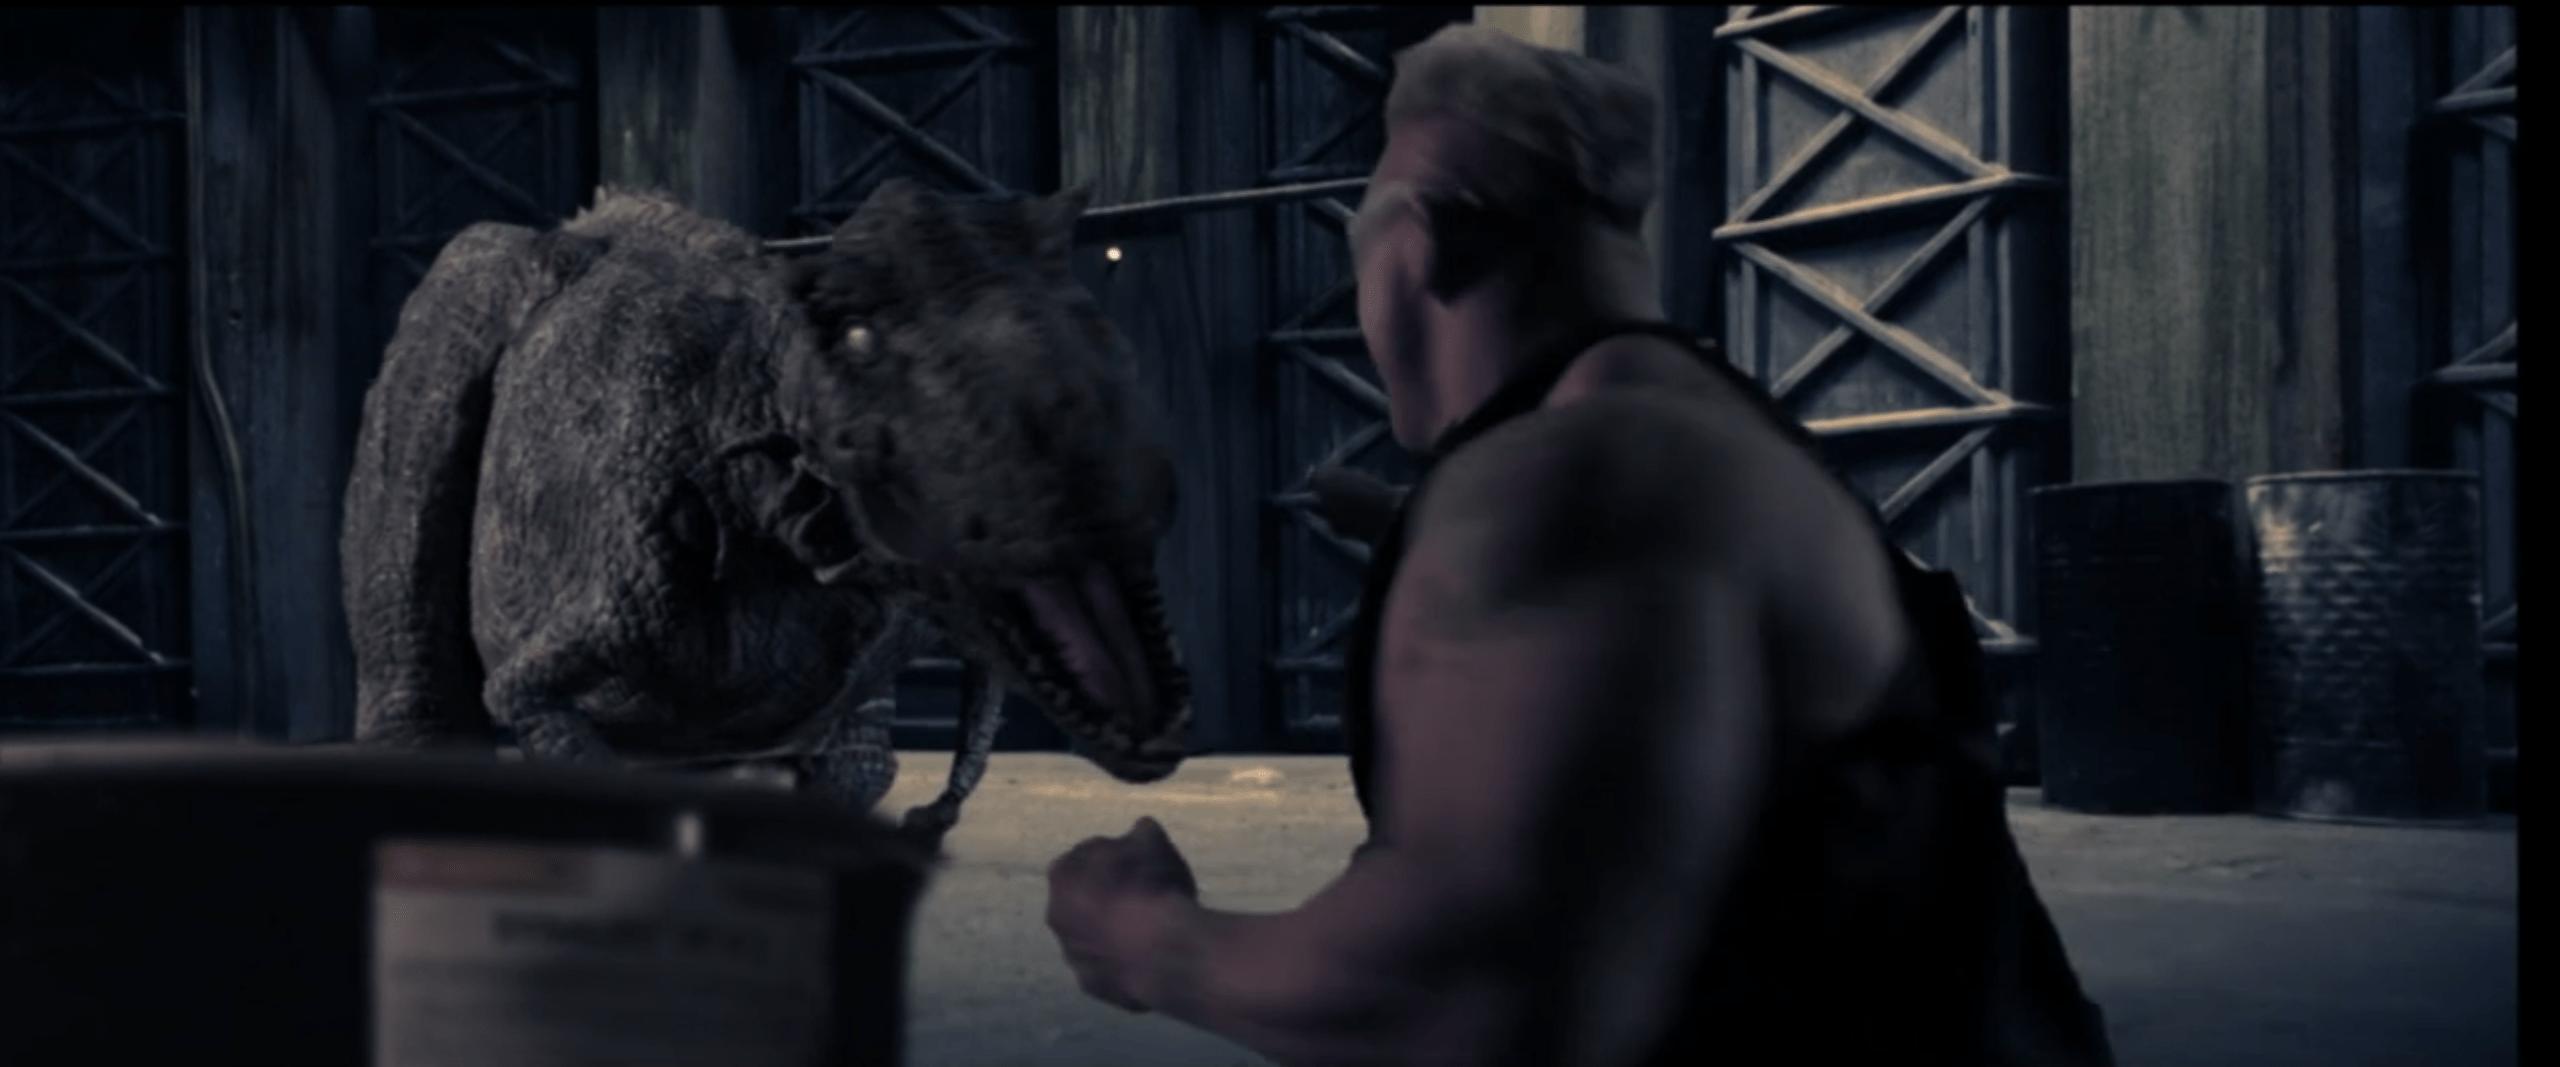 Duke Nukem preparing to punch Zombiesaurus